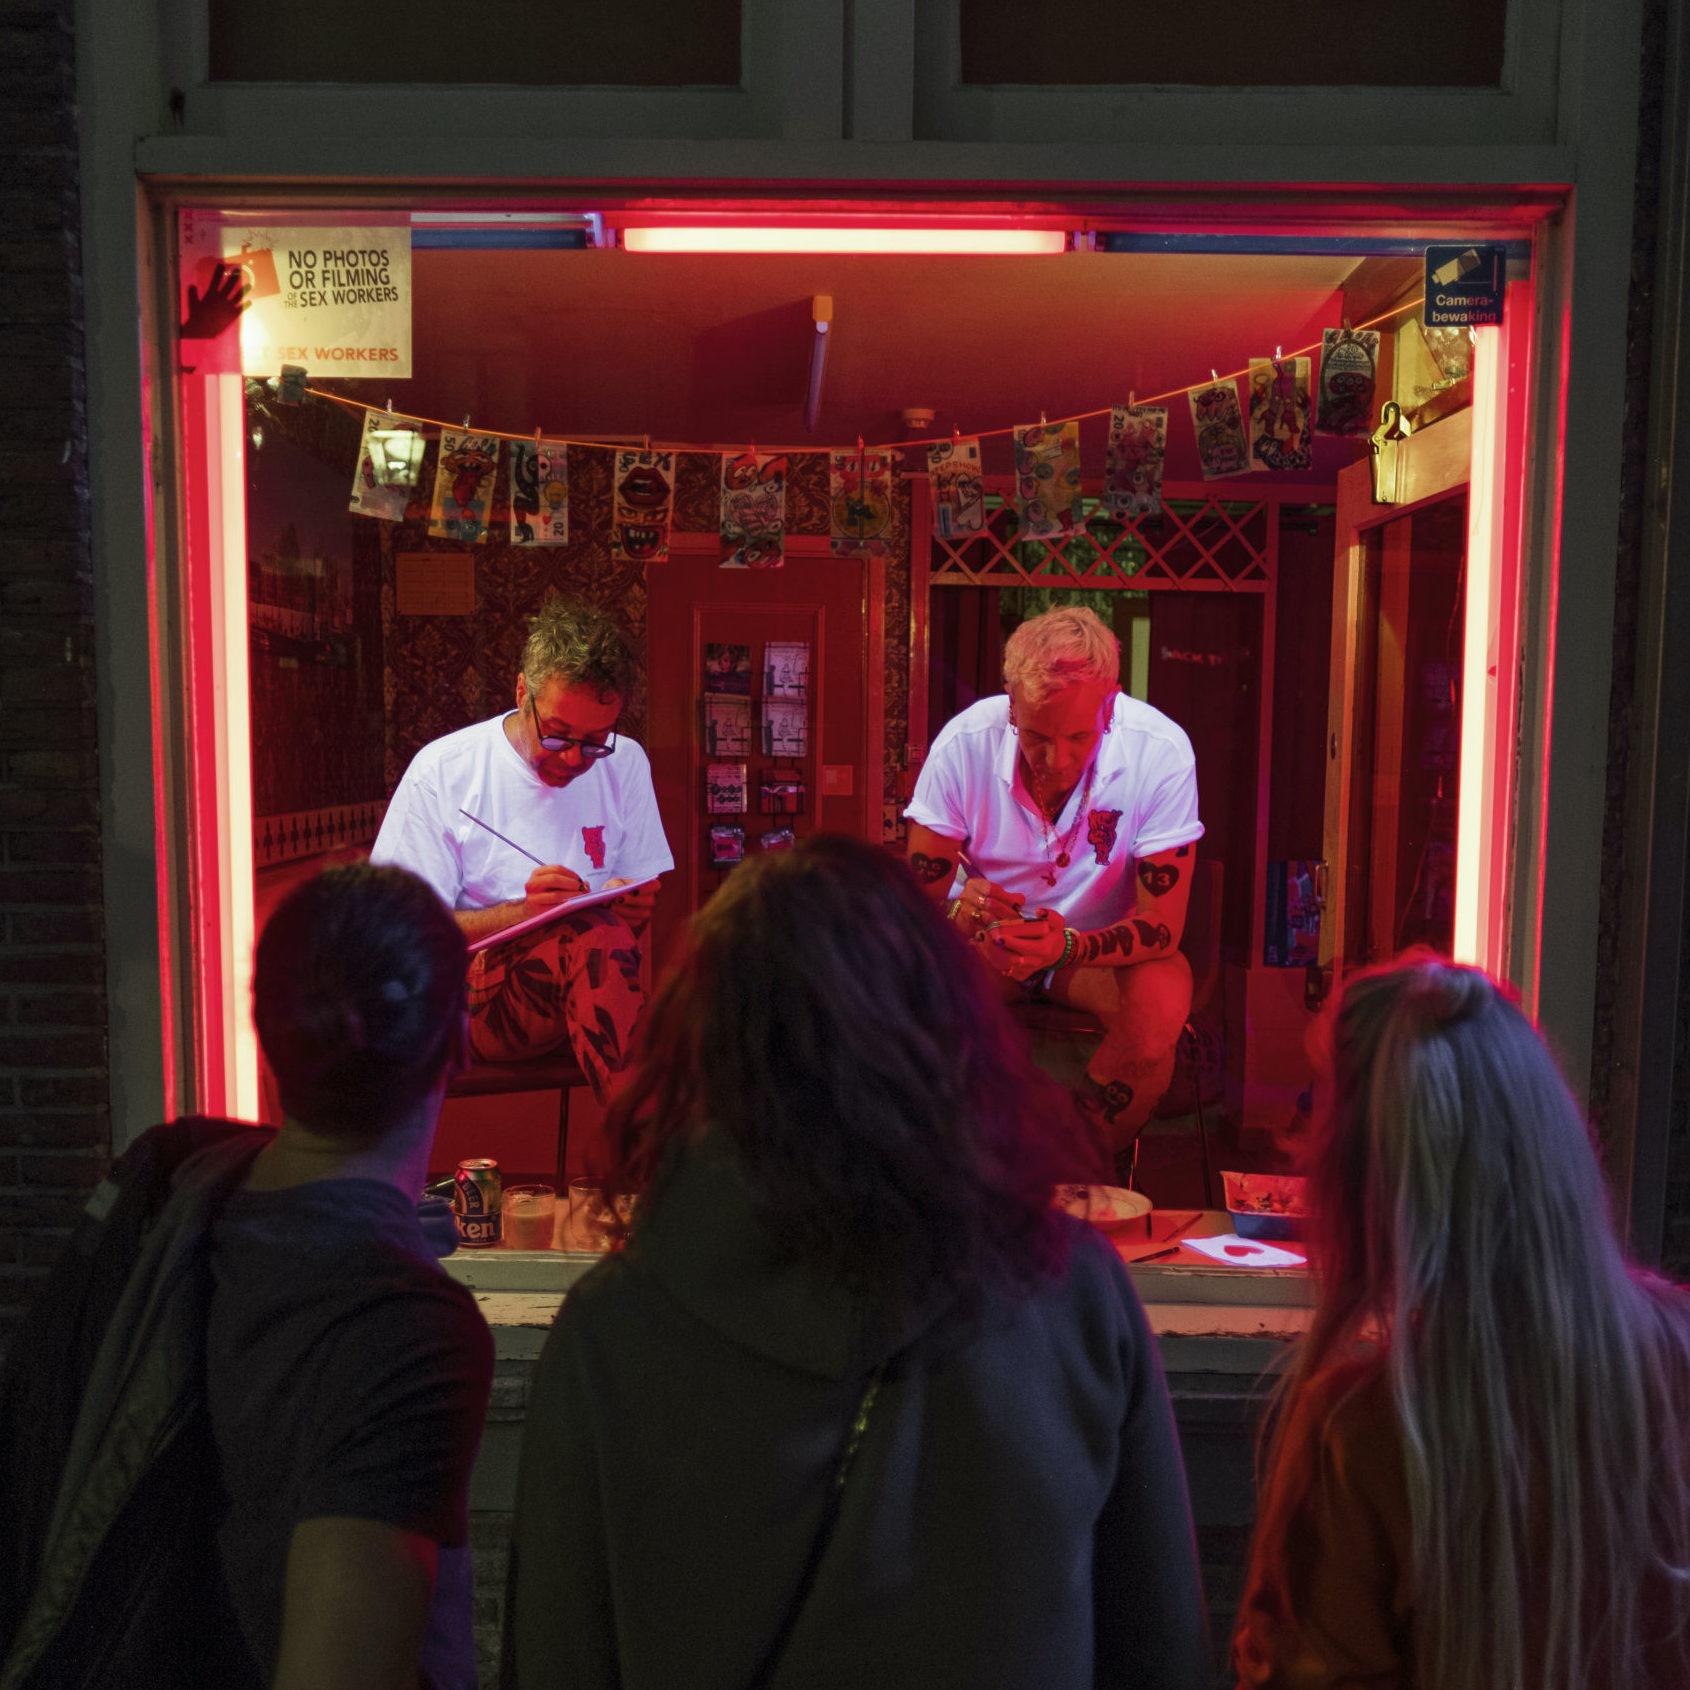 Artistas bas Koster e Dadara trabalham no projeto Transactions Amoureuses. FOTO: baskosters.com: